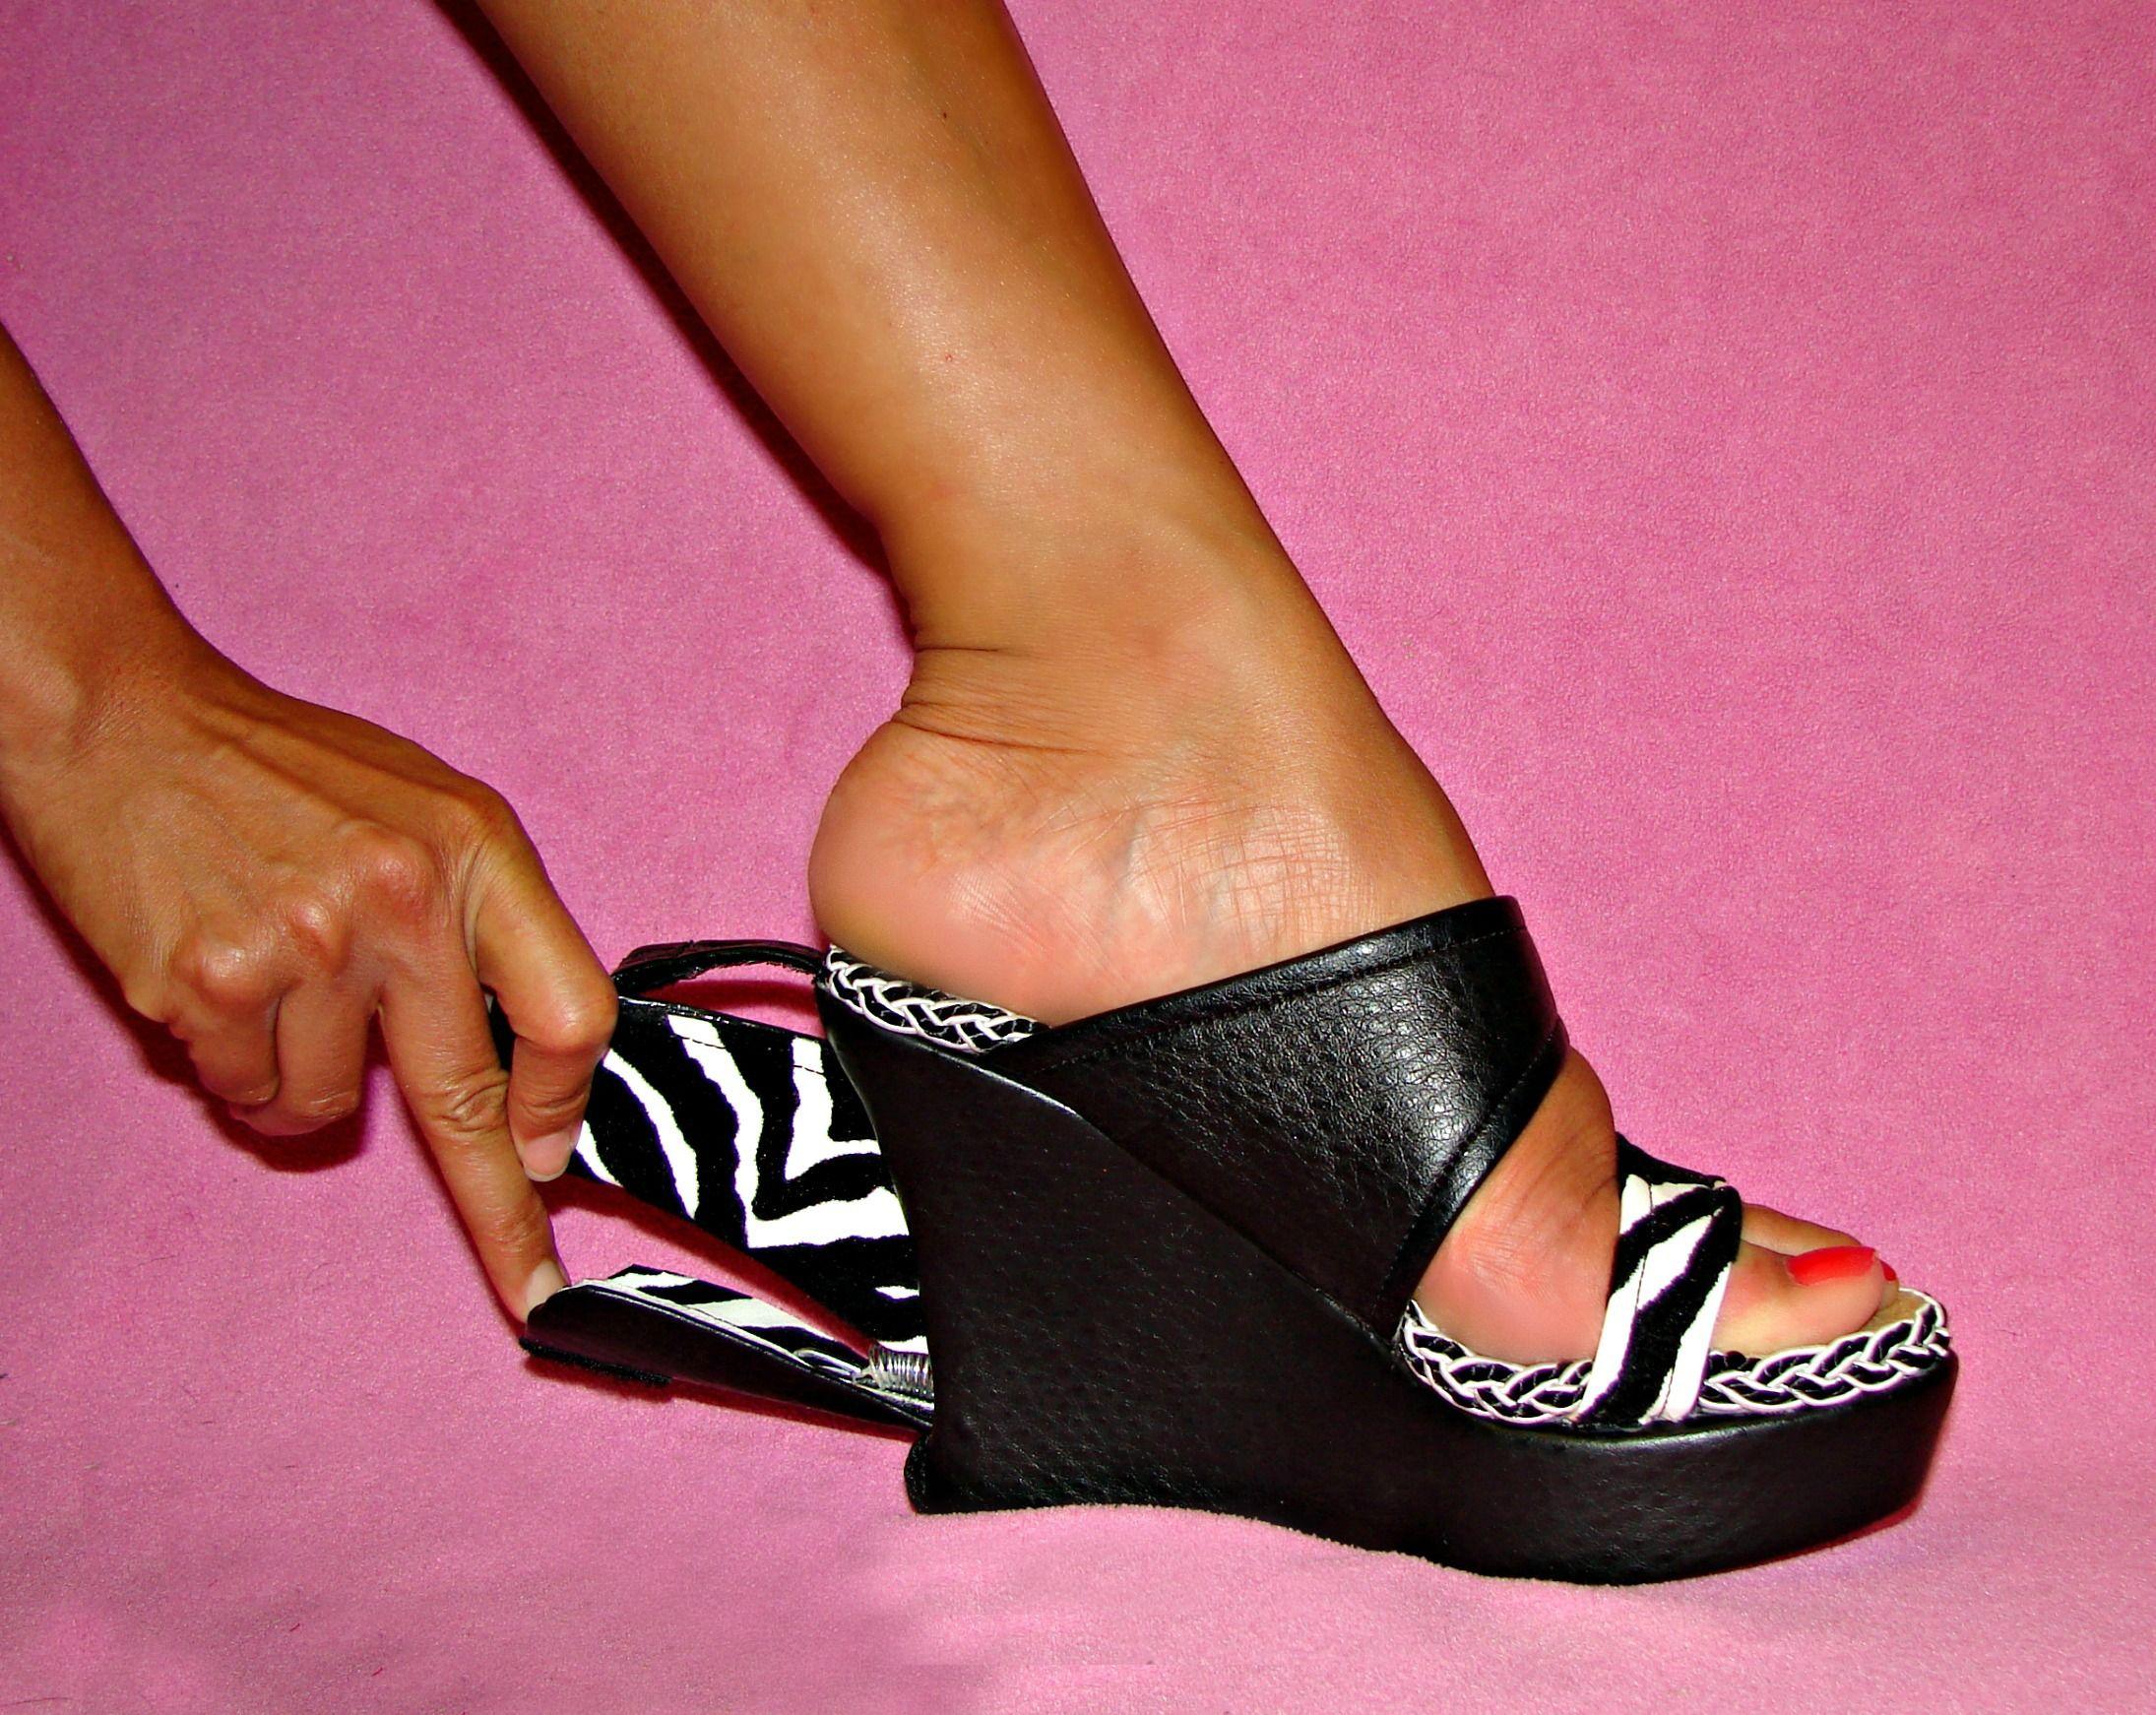 f06a3537e888dc Double agent shoes with a secret compartment